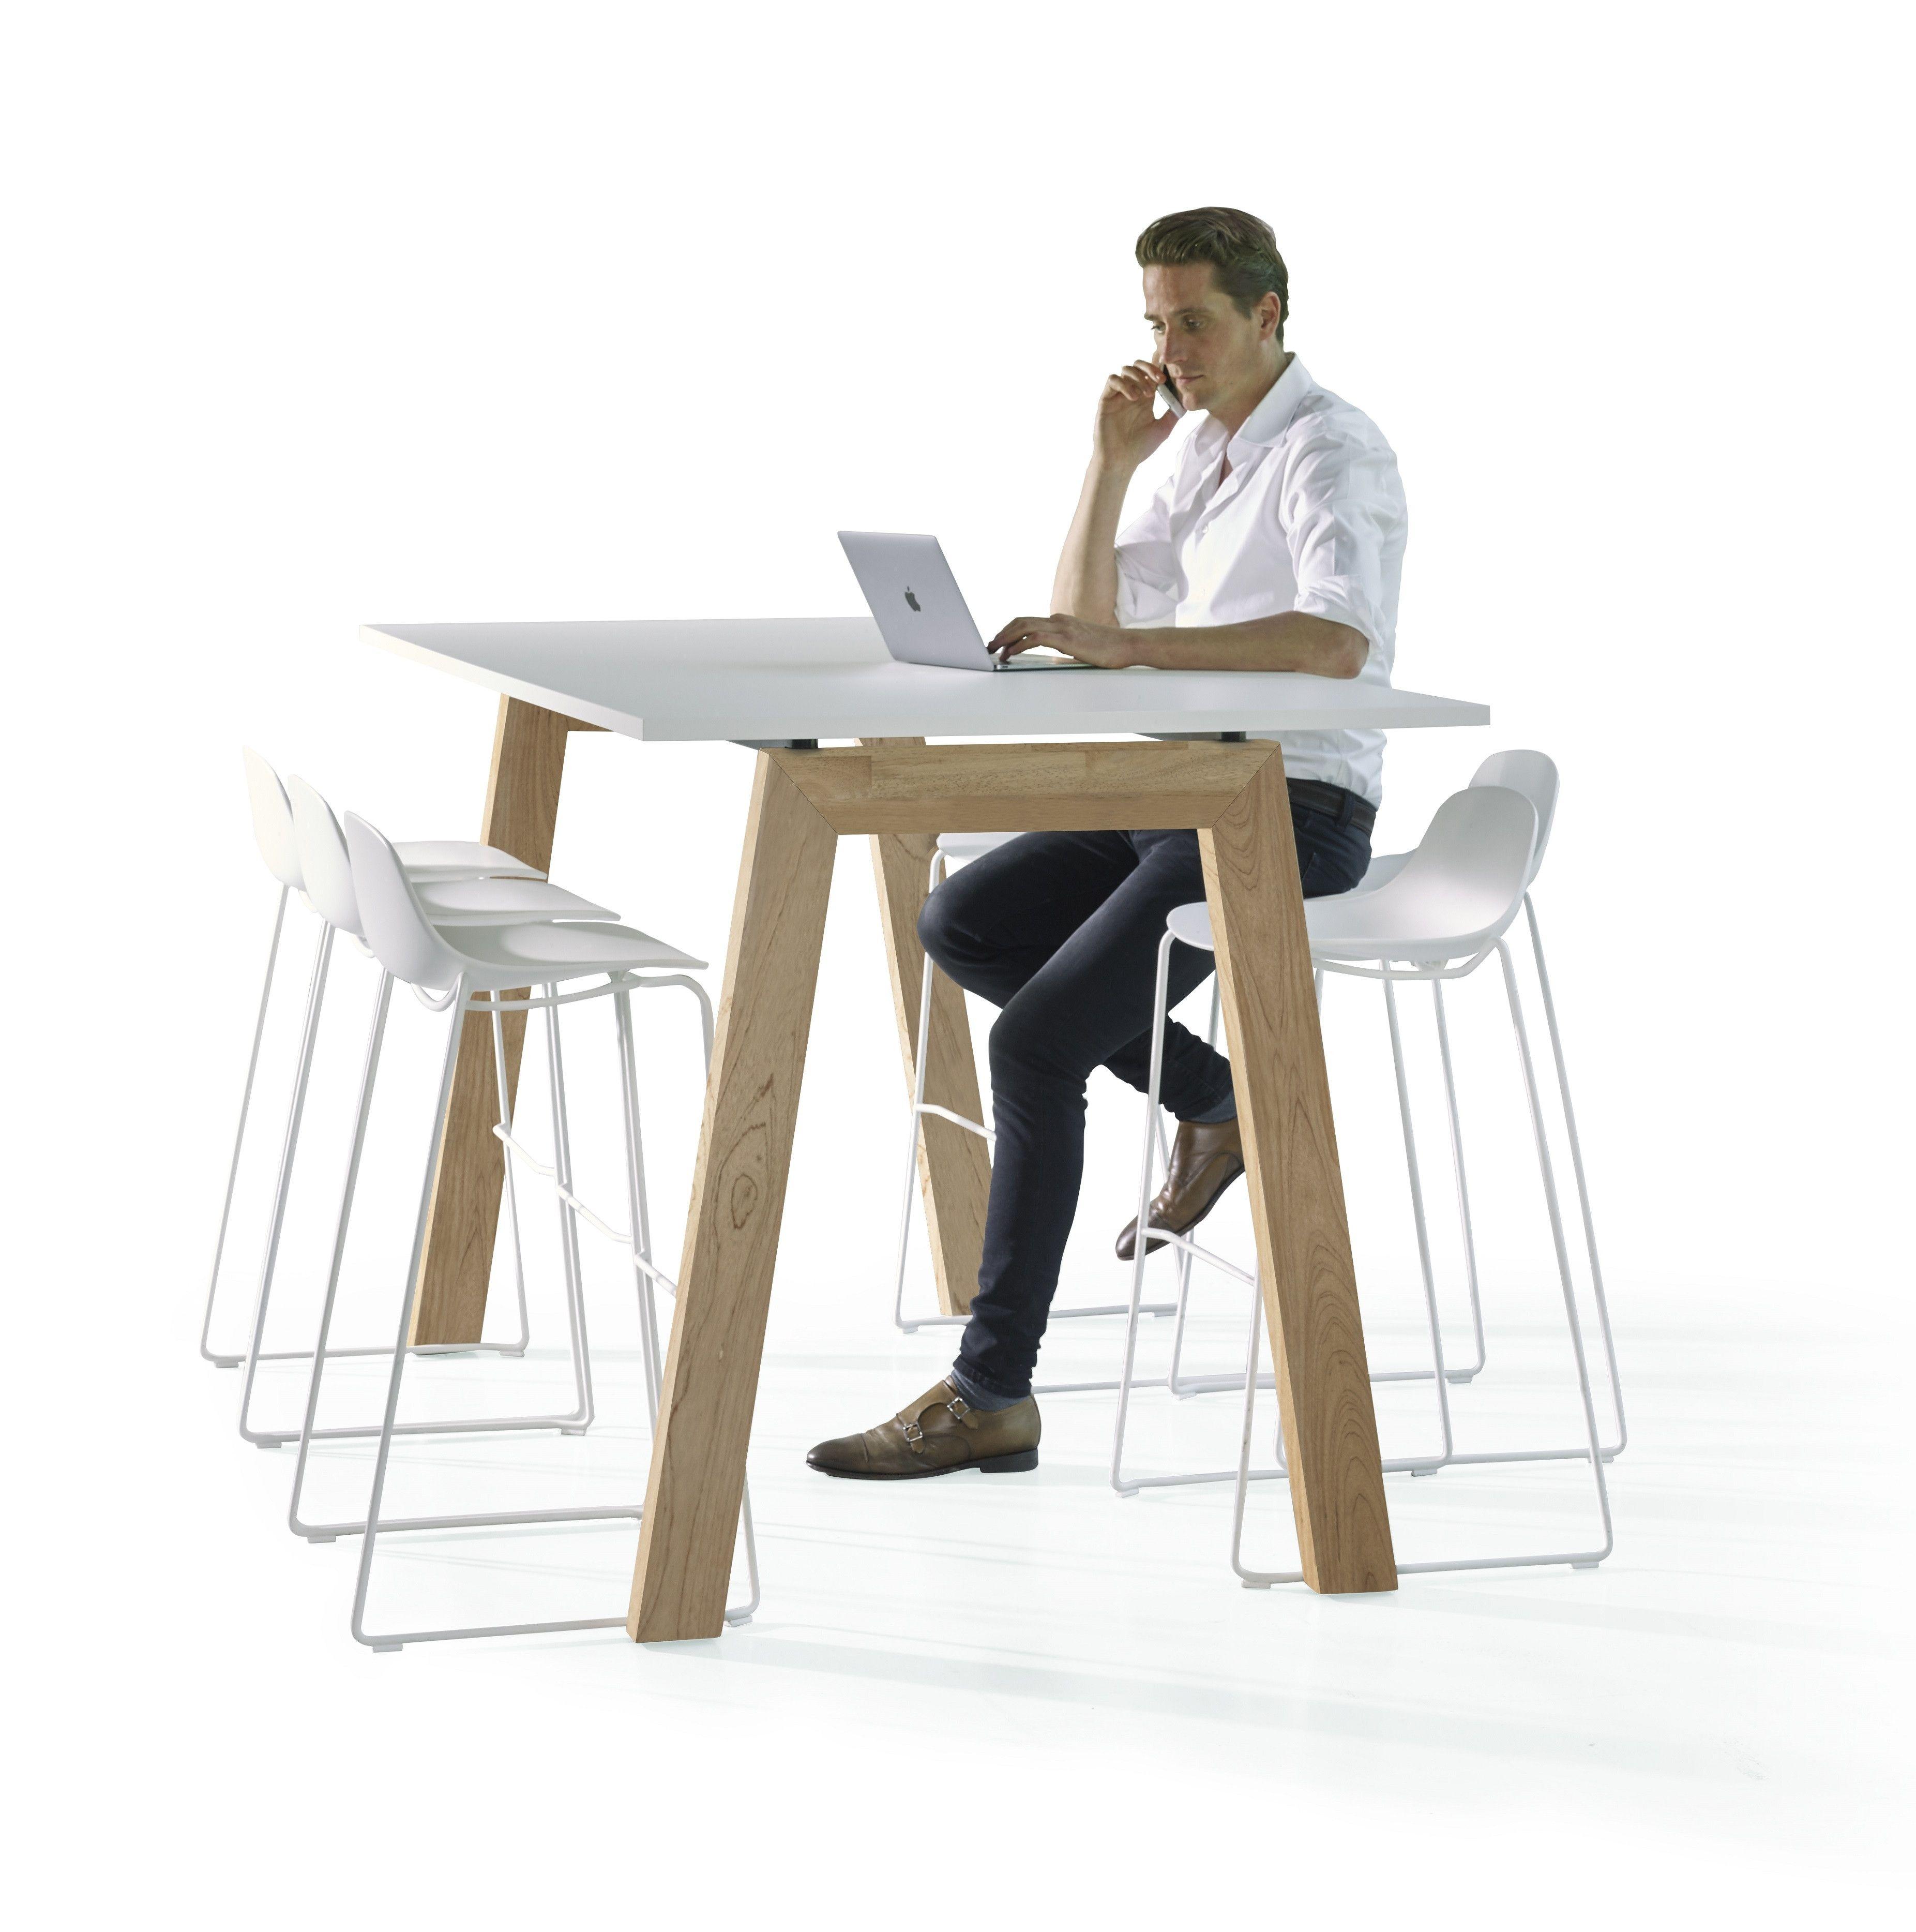 Hybrid hoge vergadertafel voor staand vergaderen